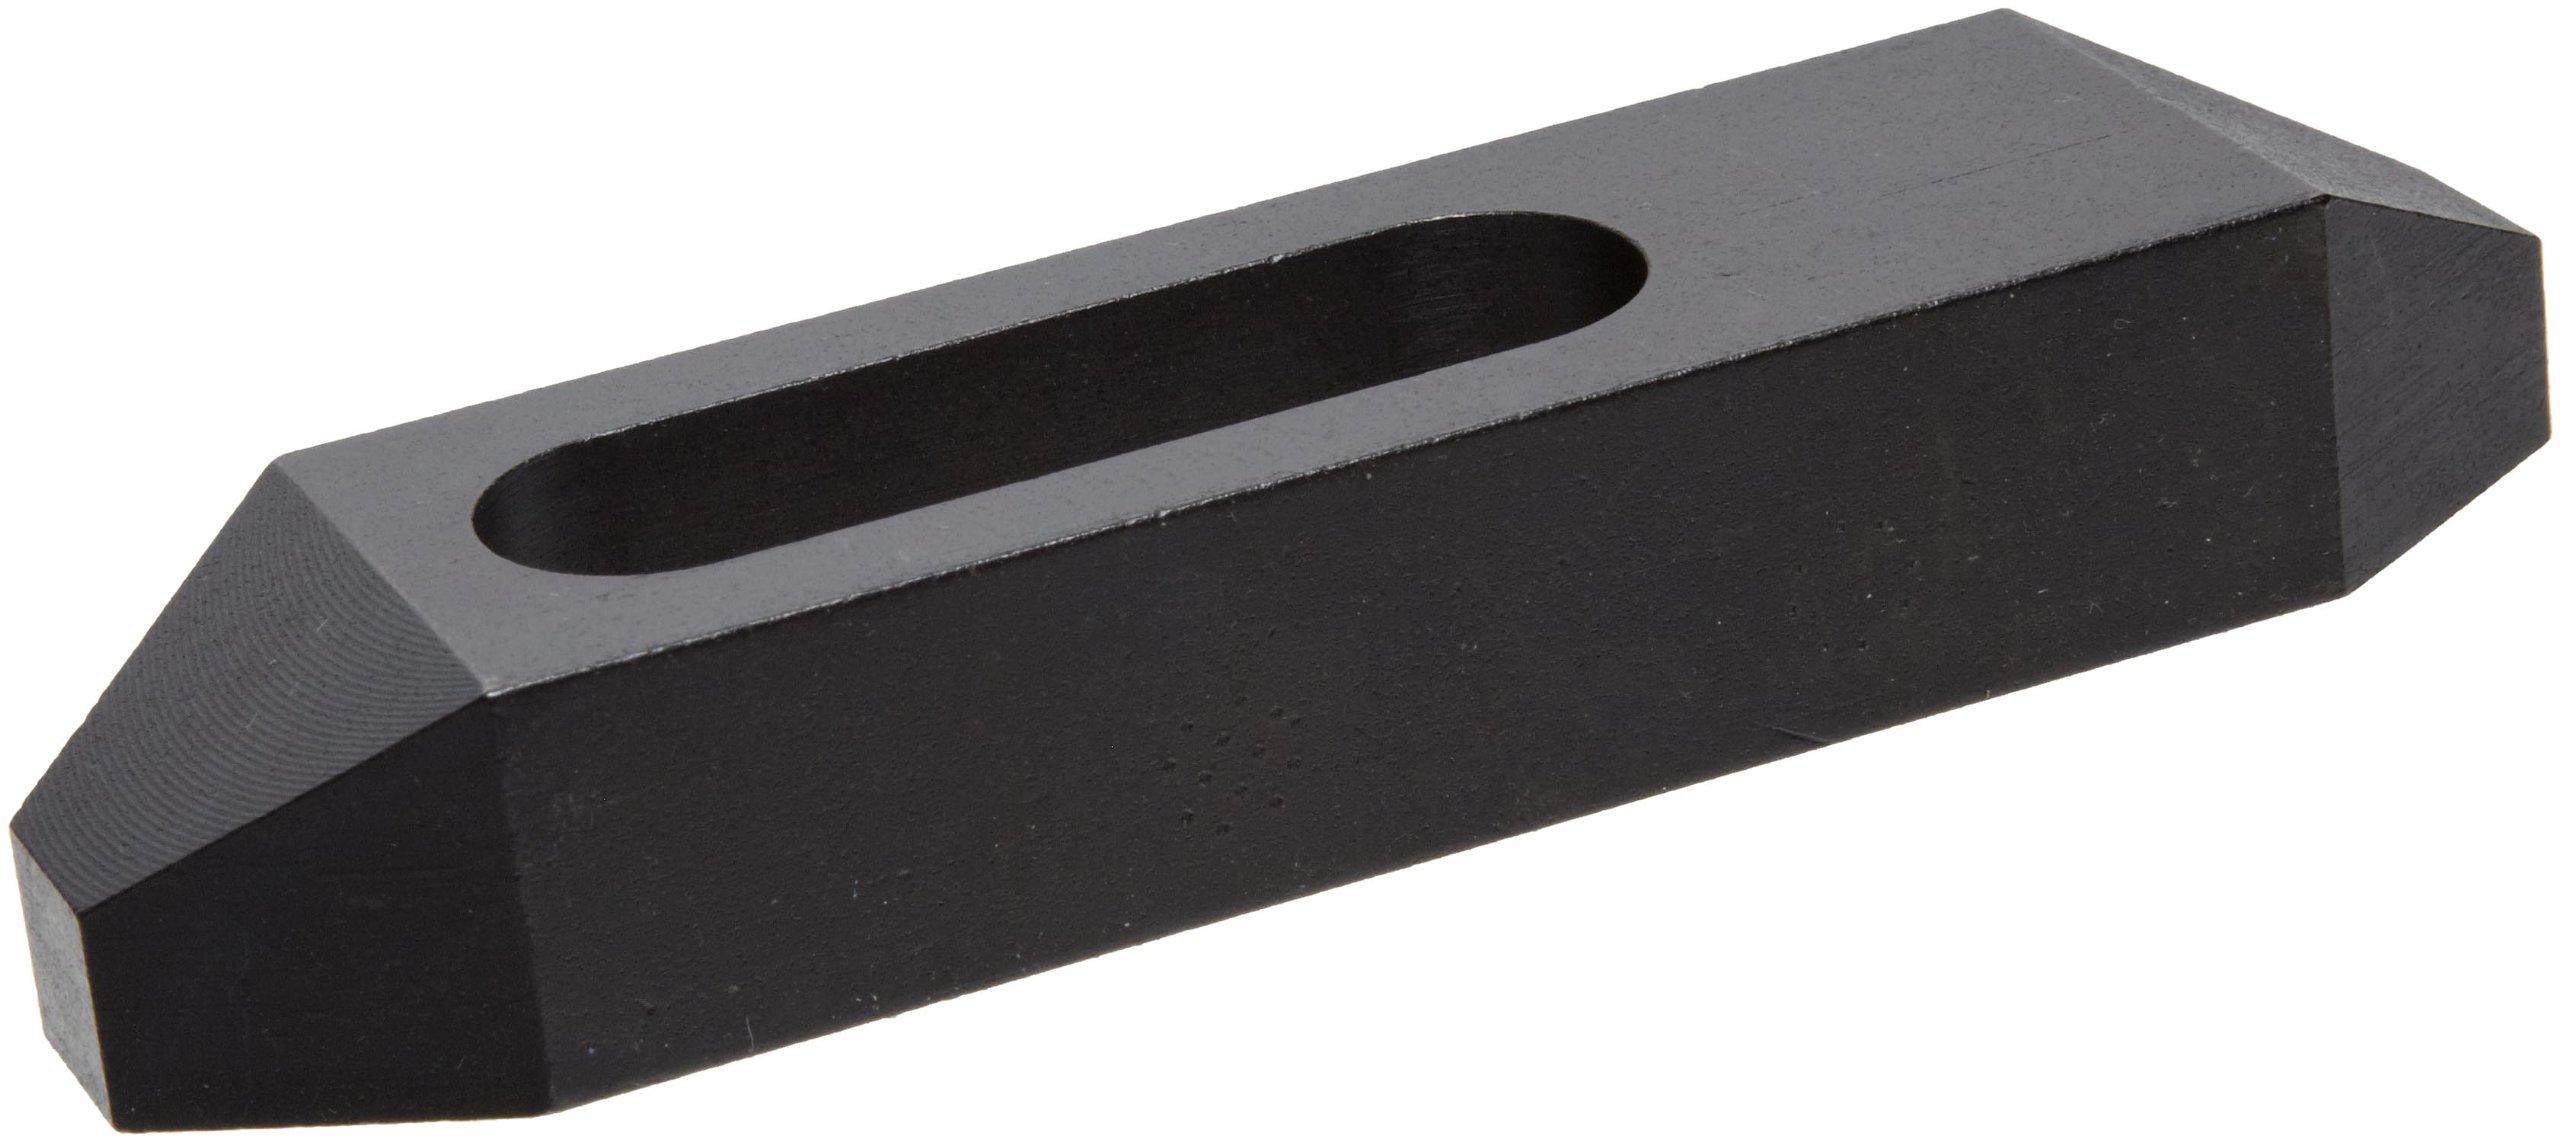 TE-CO Plain Clamp, Black Oxide Finish 6'' Long x 3/4'' Stud Size